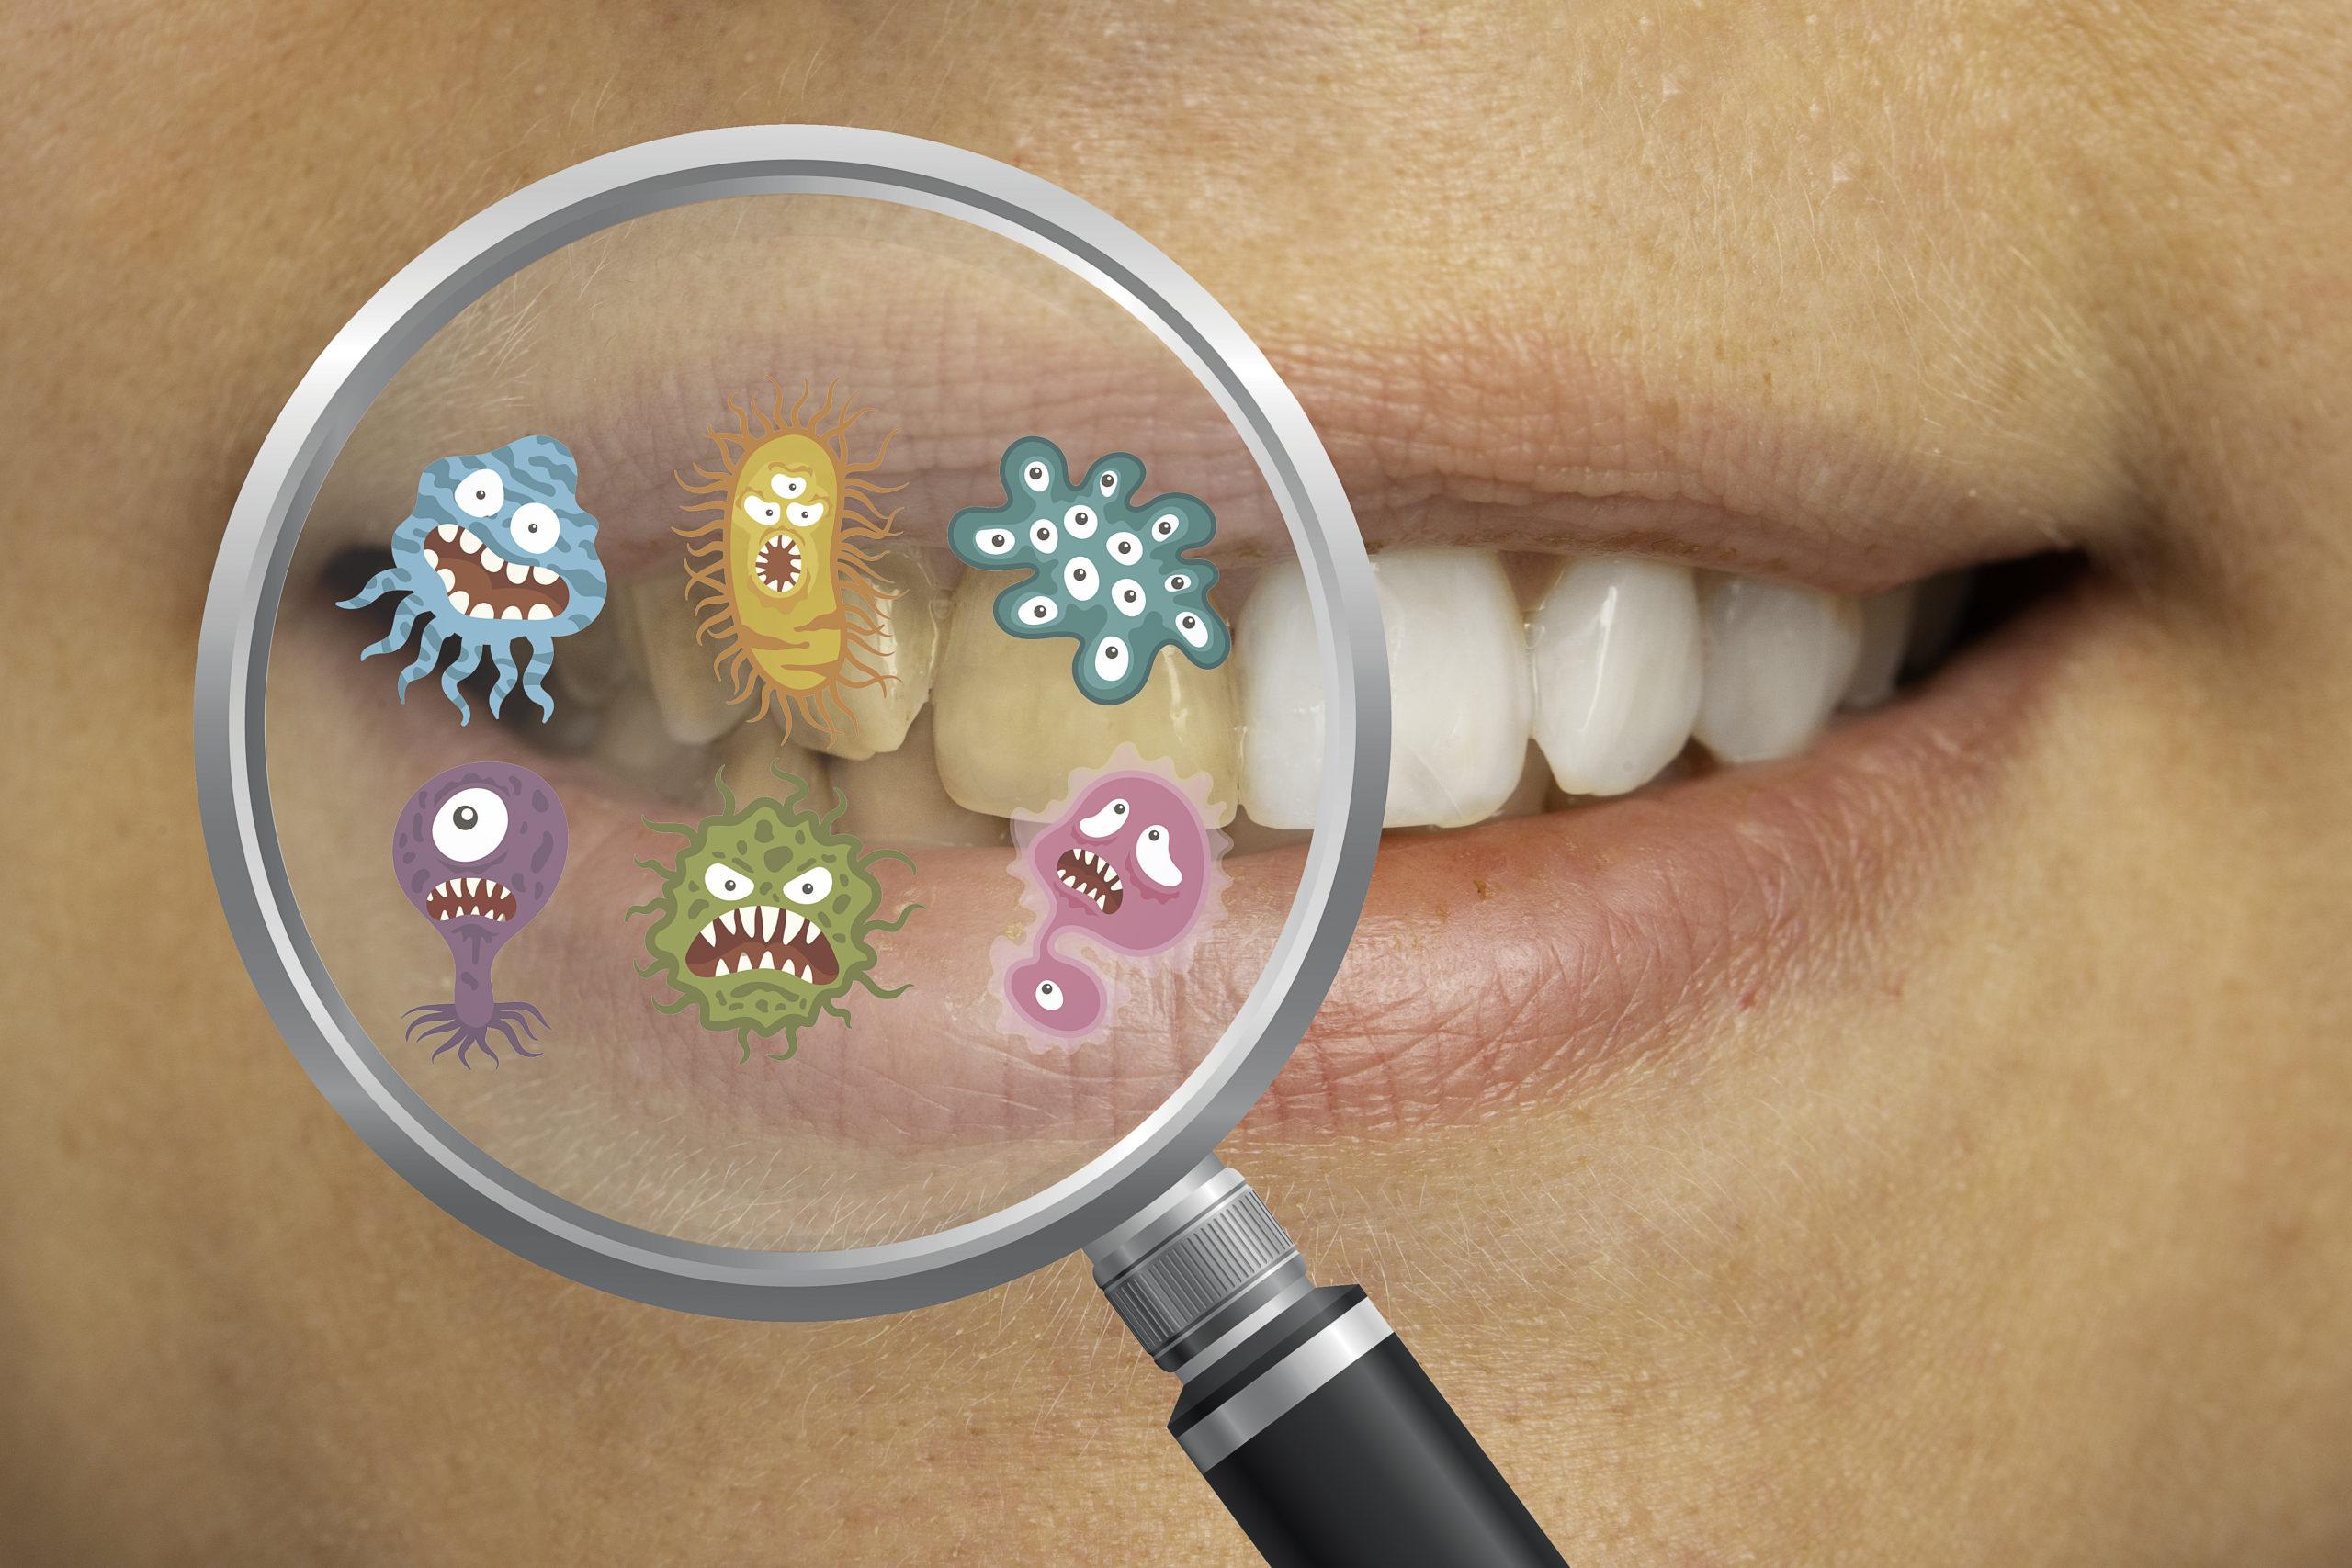 歯垢と歯石はどう違う?放っておくと健康や見た目にもダメージが